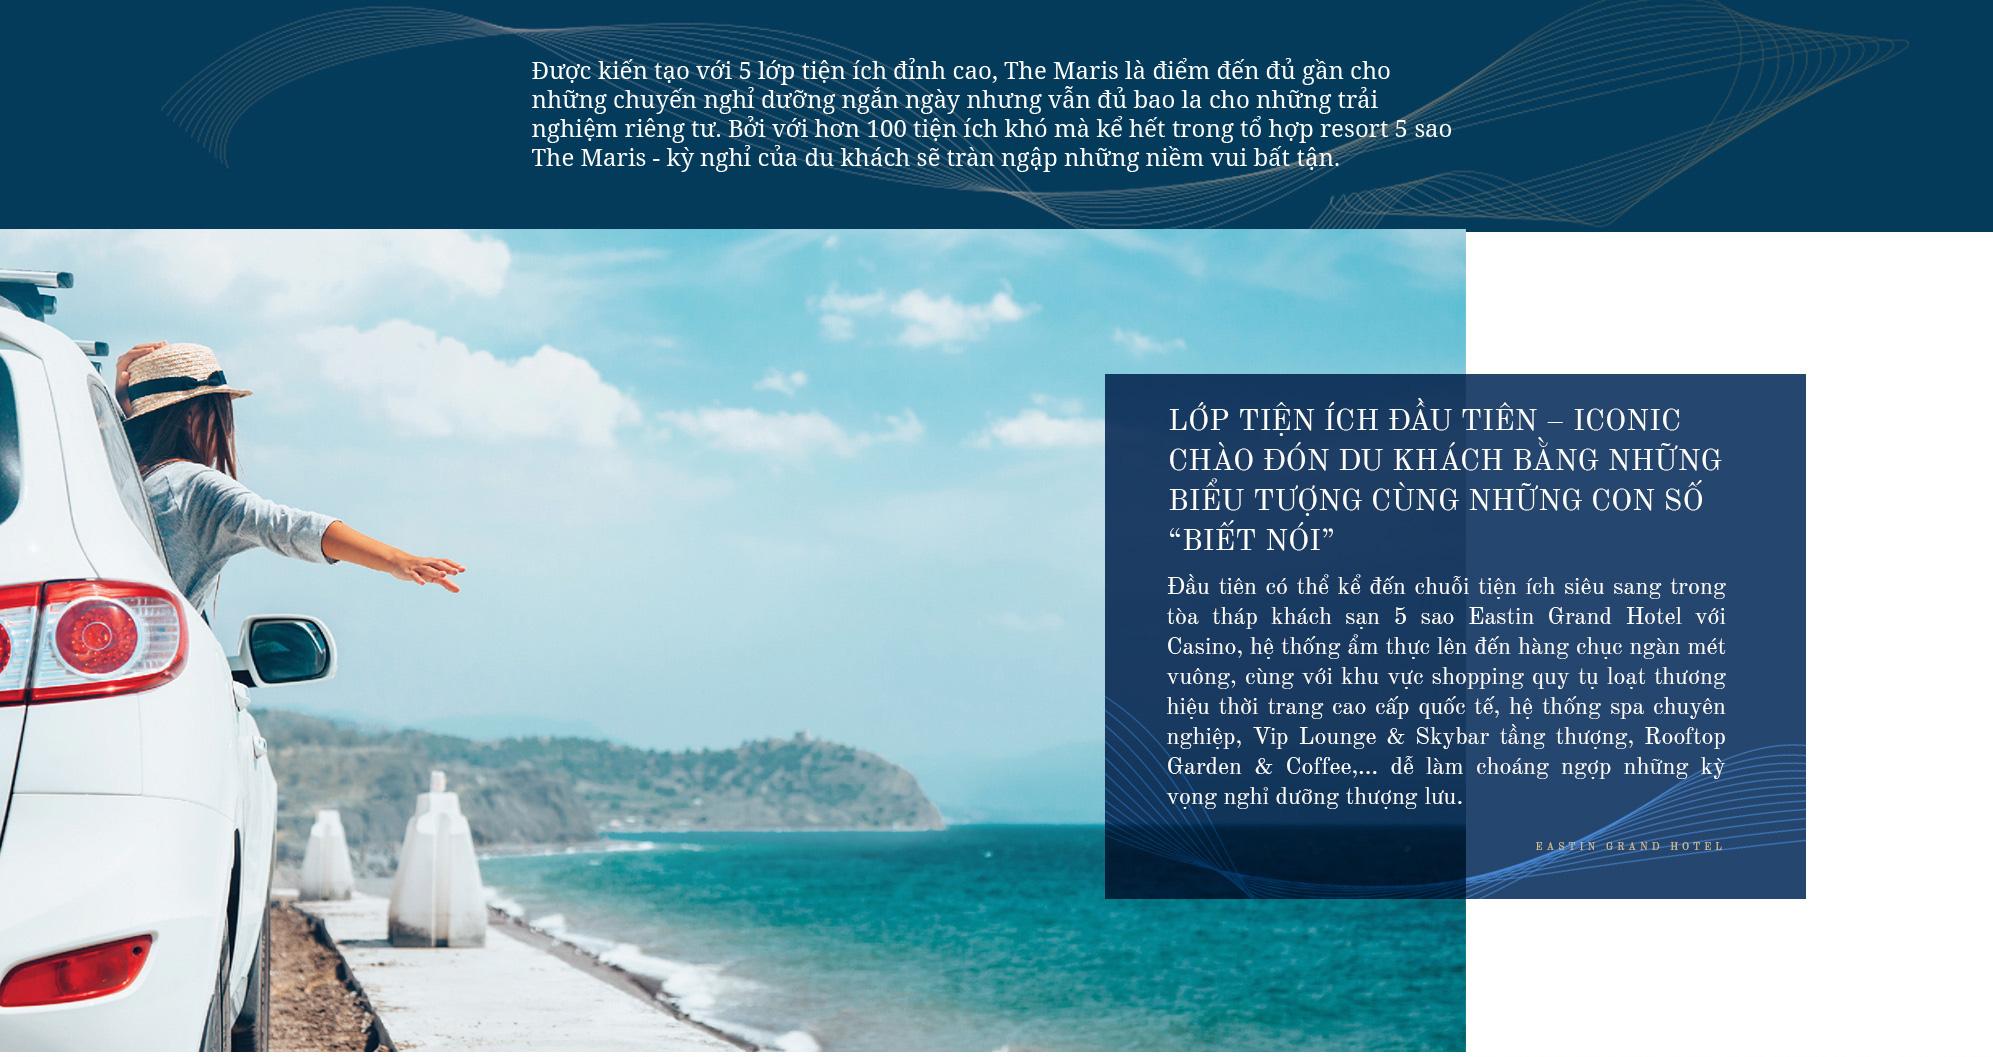 Chuỗi giá trị kiêu hãnh giúp The Maris vươn xa trên bản đồ du lịch Việt Nam - Ảnh 7.